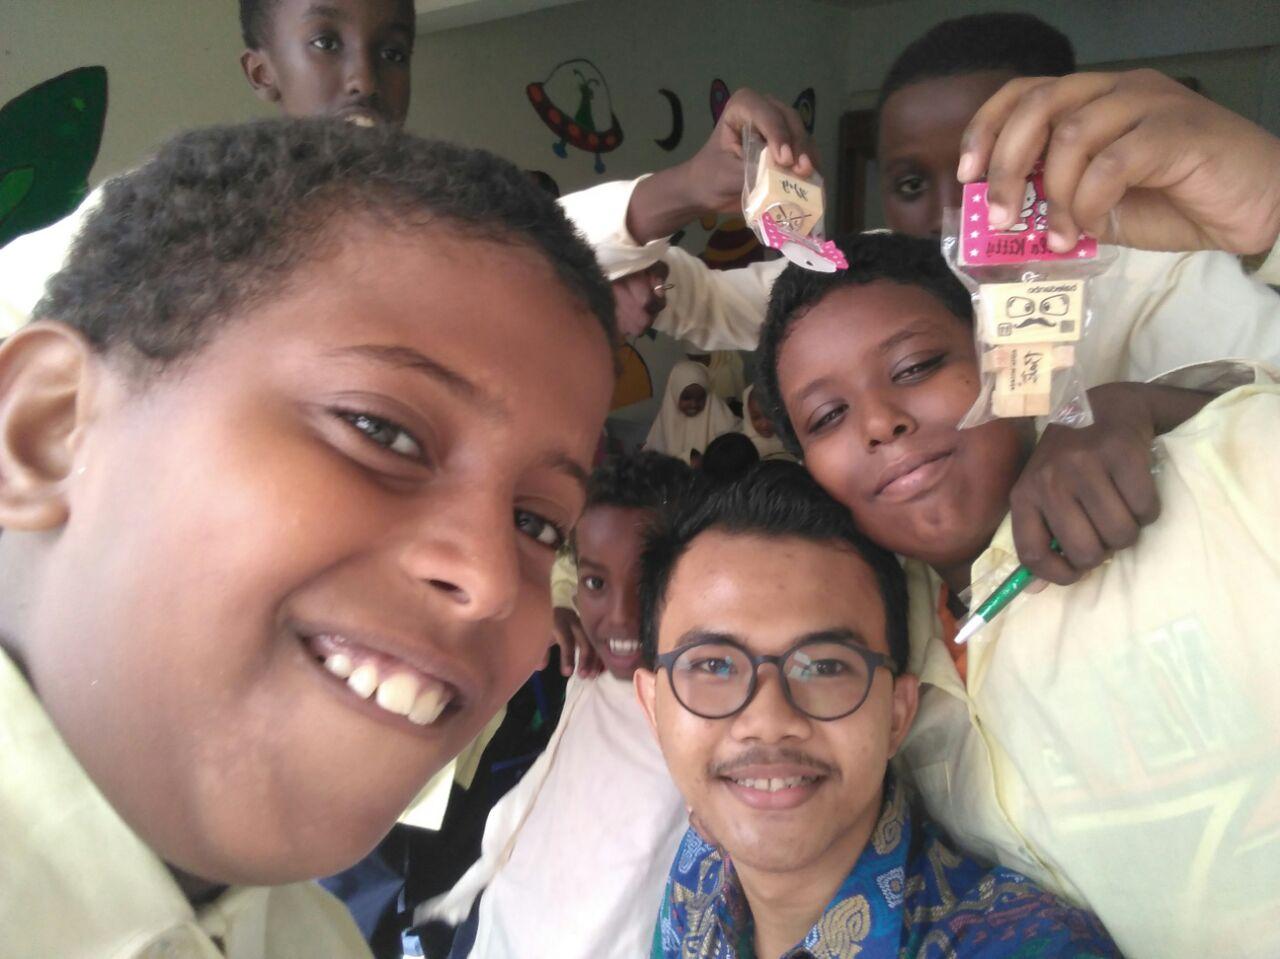 Mahasiswa Hubungan Internasional Terpilih Menjadi Volunteer di Sekolah Imigran Somalia Dalam Program Friendship From Indonesia (FFI) di Malaysia dan Singapura